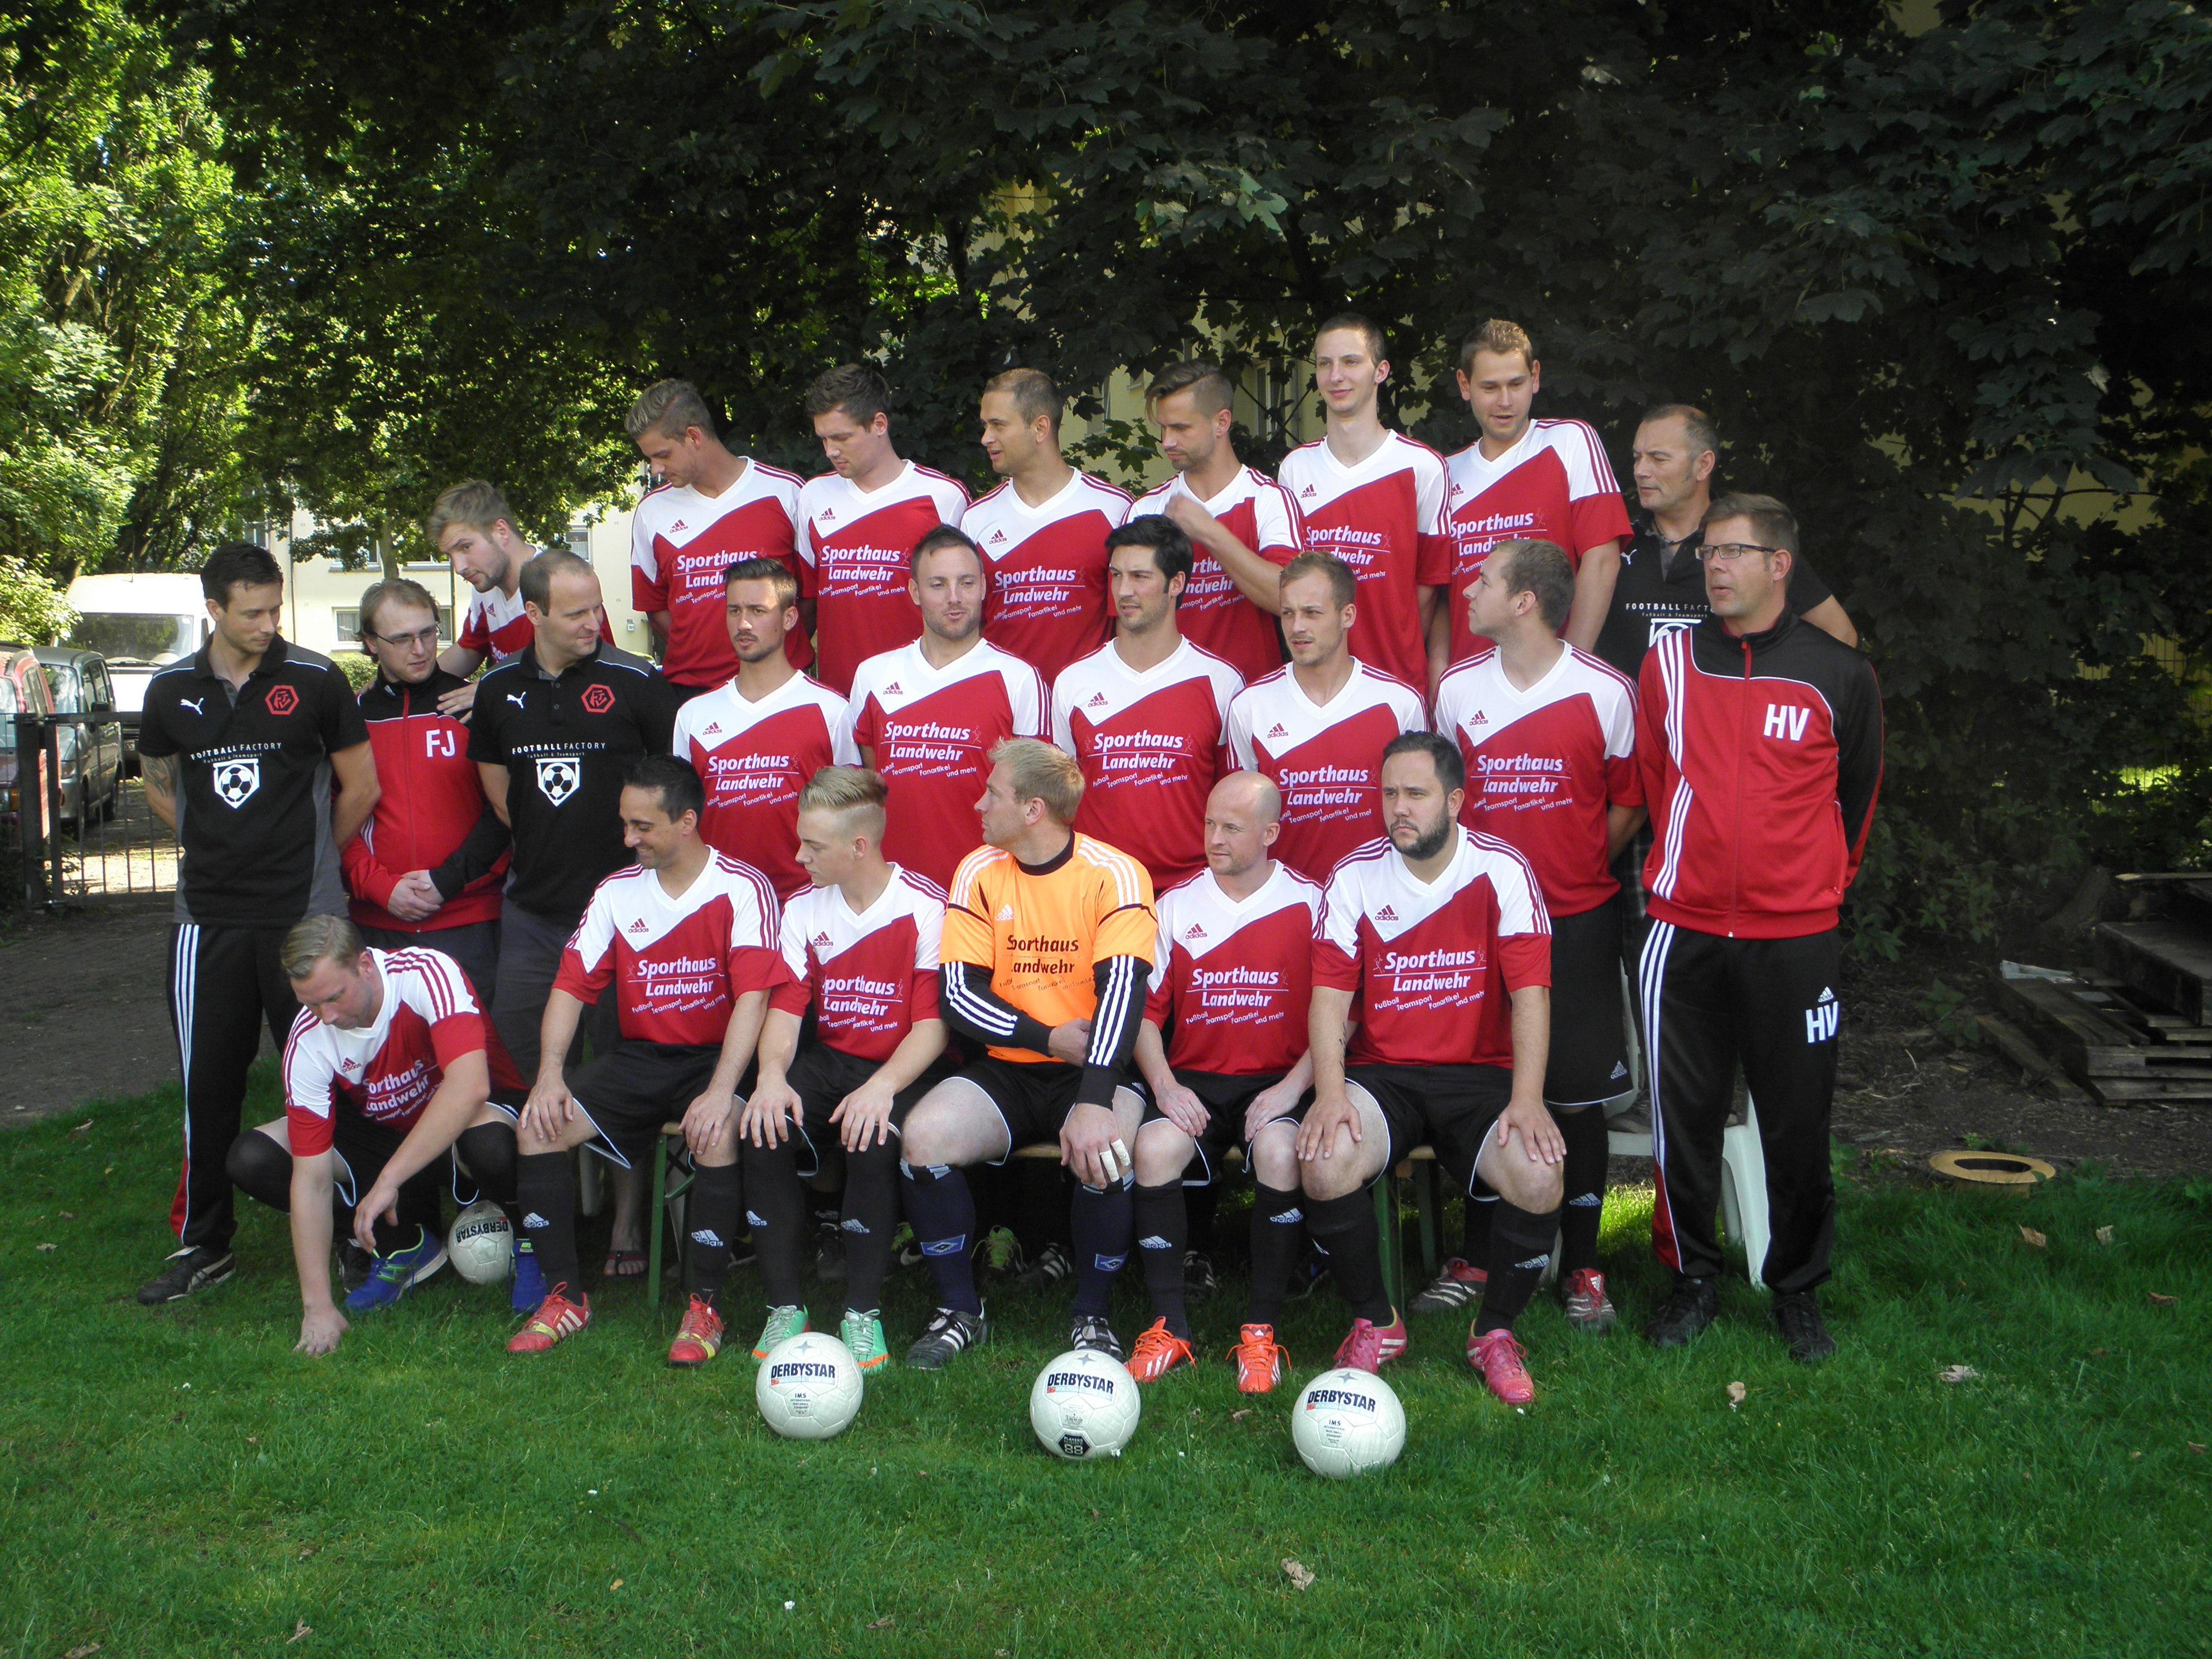 Mannschaftsfoto/Teamfoto von Farmsen